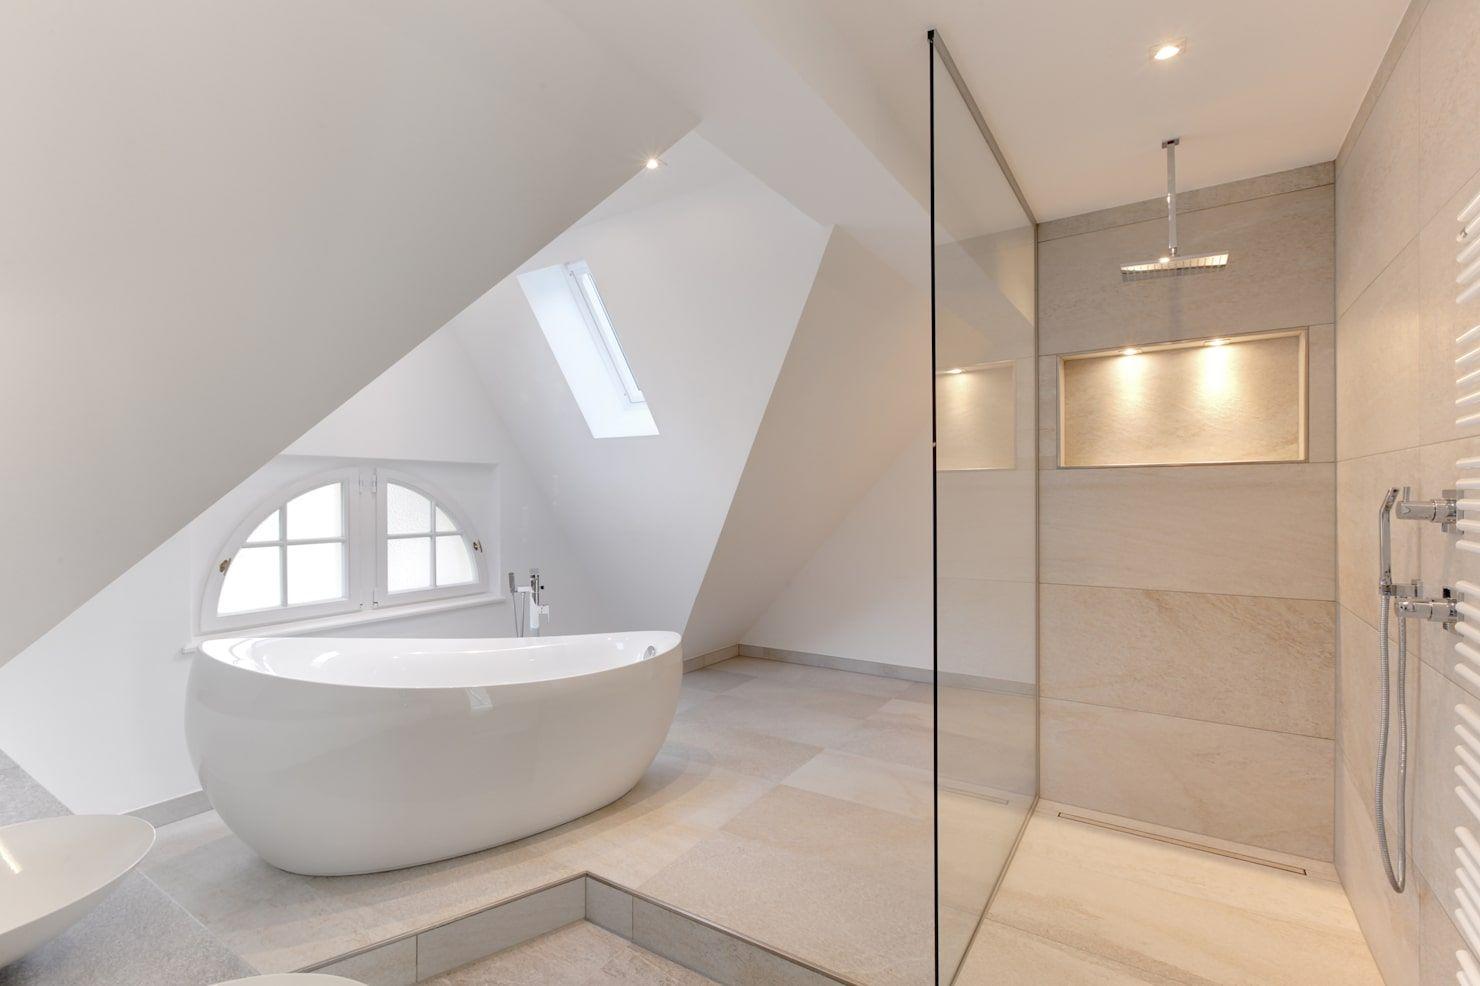 Badrenovierungen Mit 7 Inspirierenden Vorher Nachher Beispielen Homify Homify Modernes Badezimmerdesign Badezimmer Innenausstattung Badrenovierung